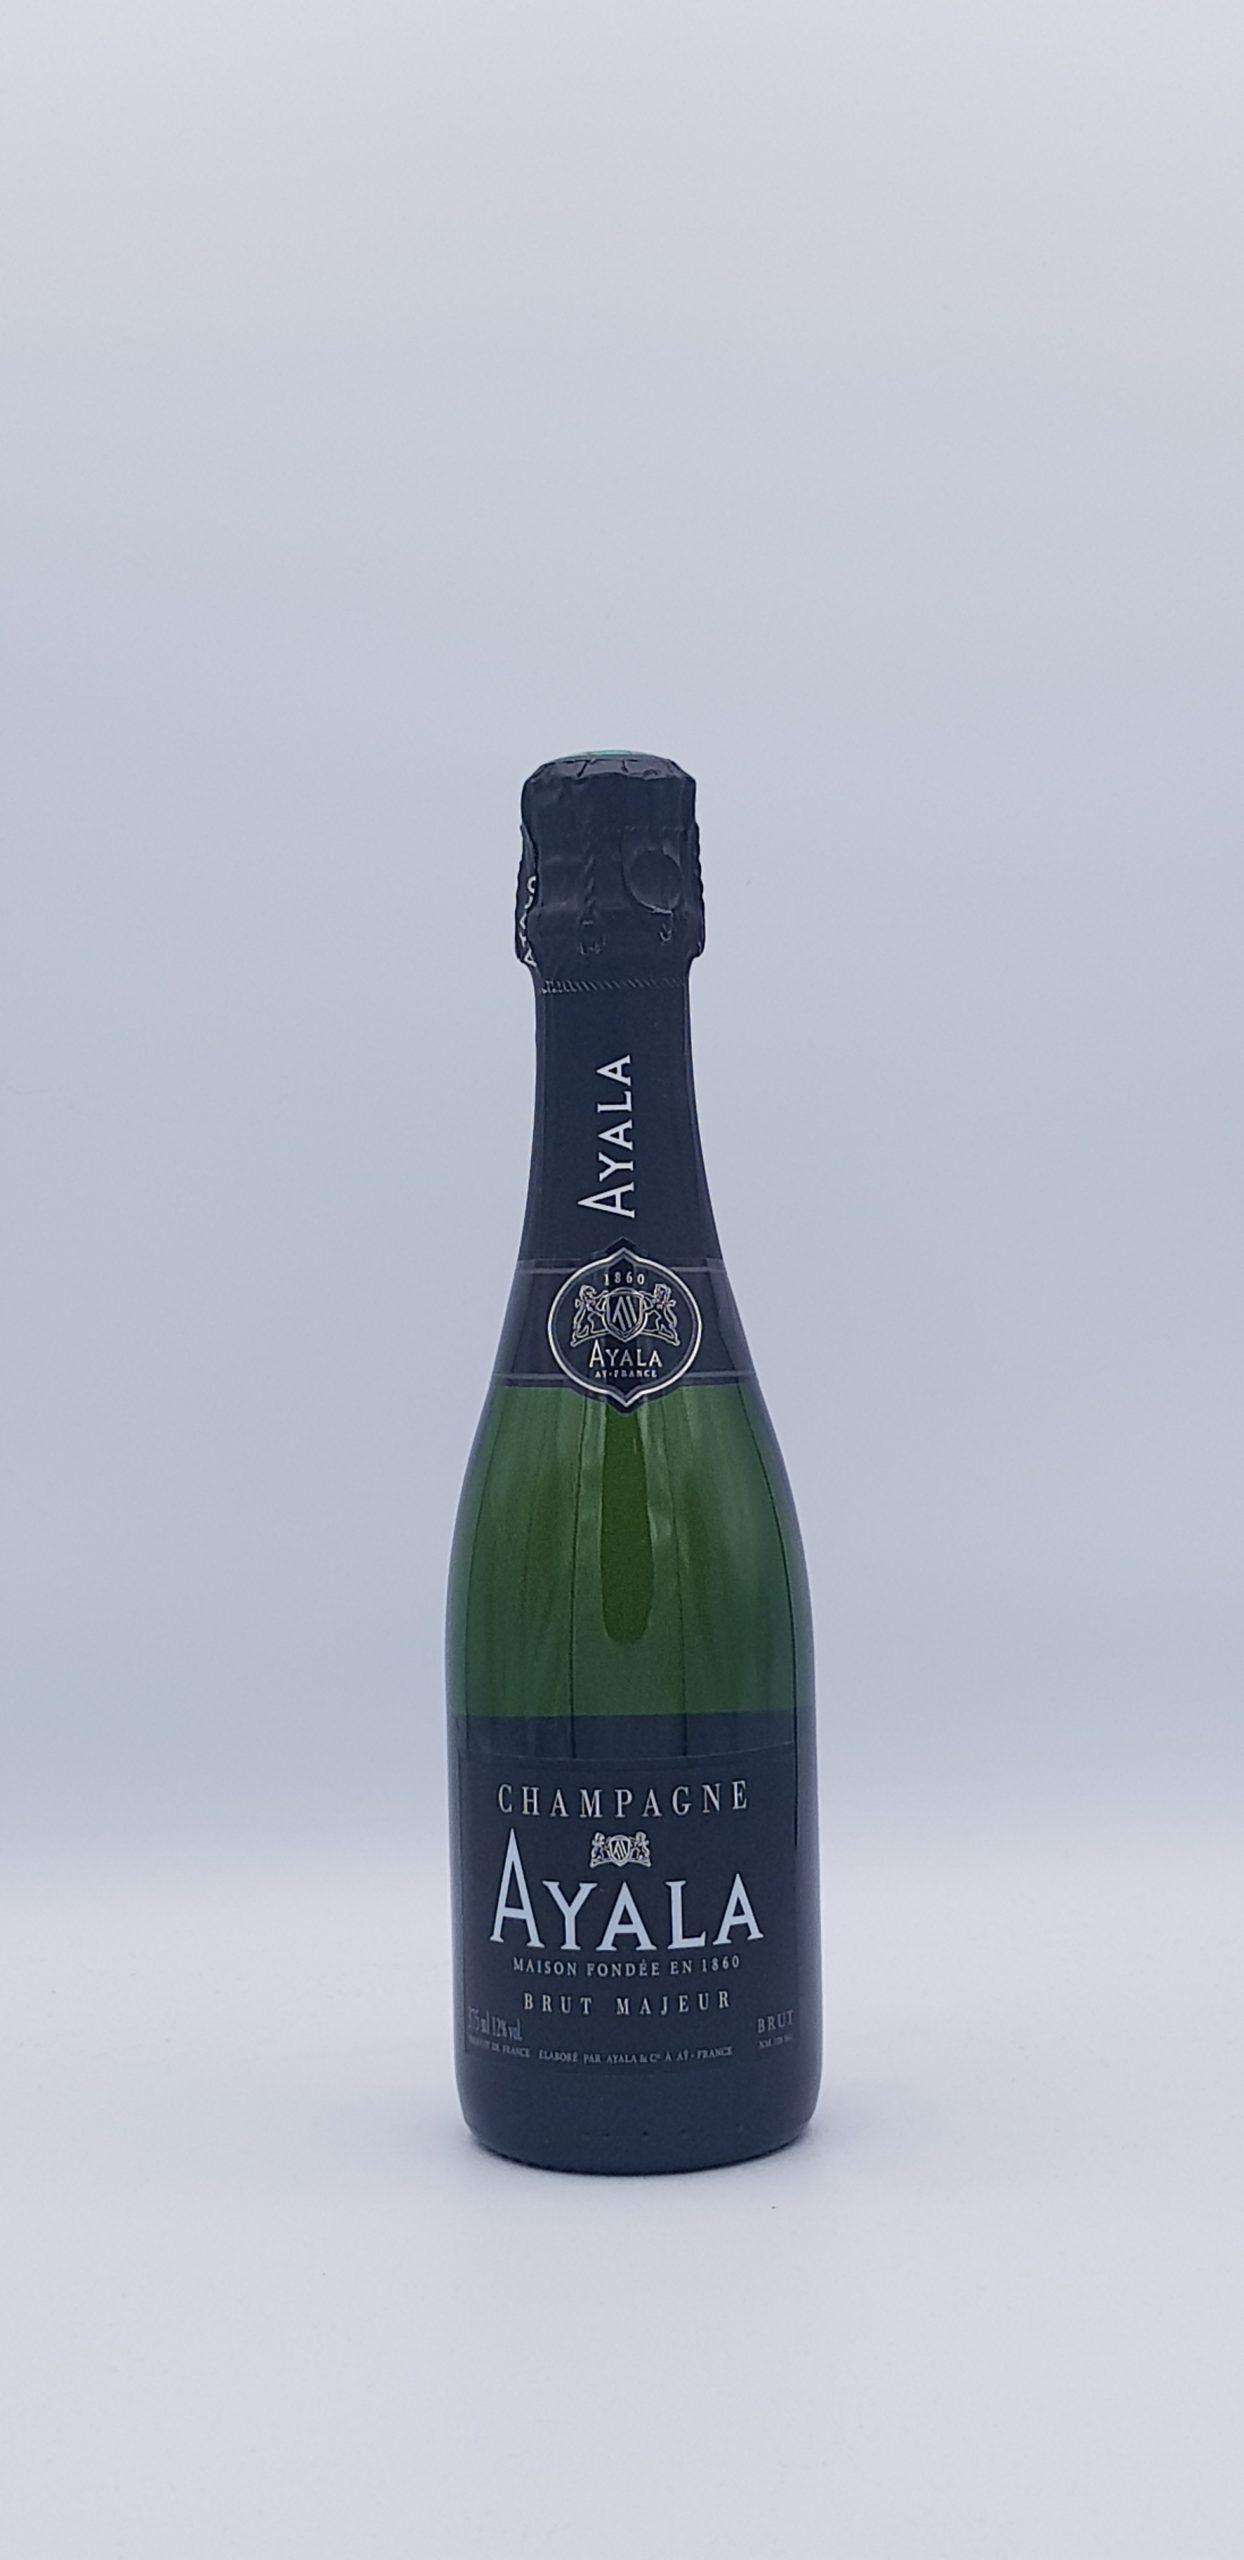 Champagne Ayala Brut Majeur Edition Limité Etui